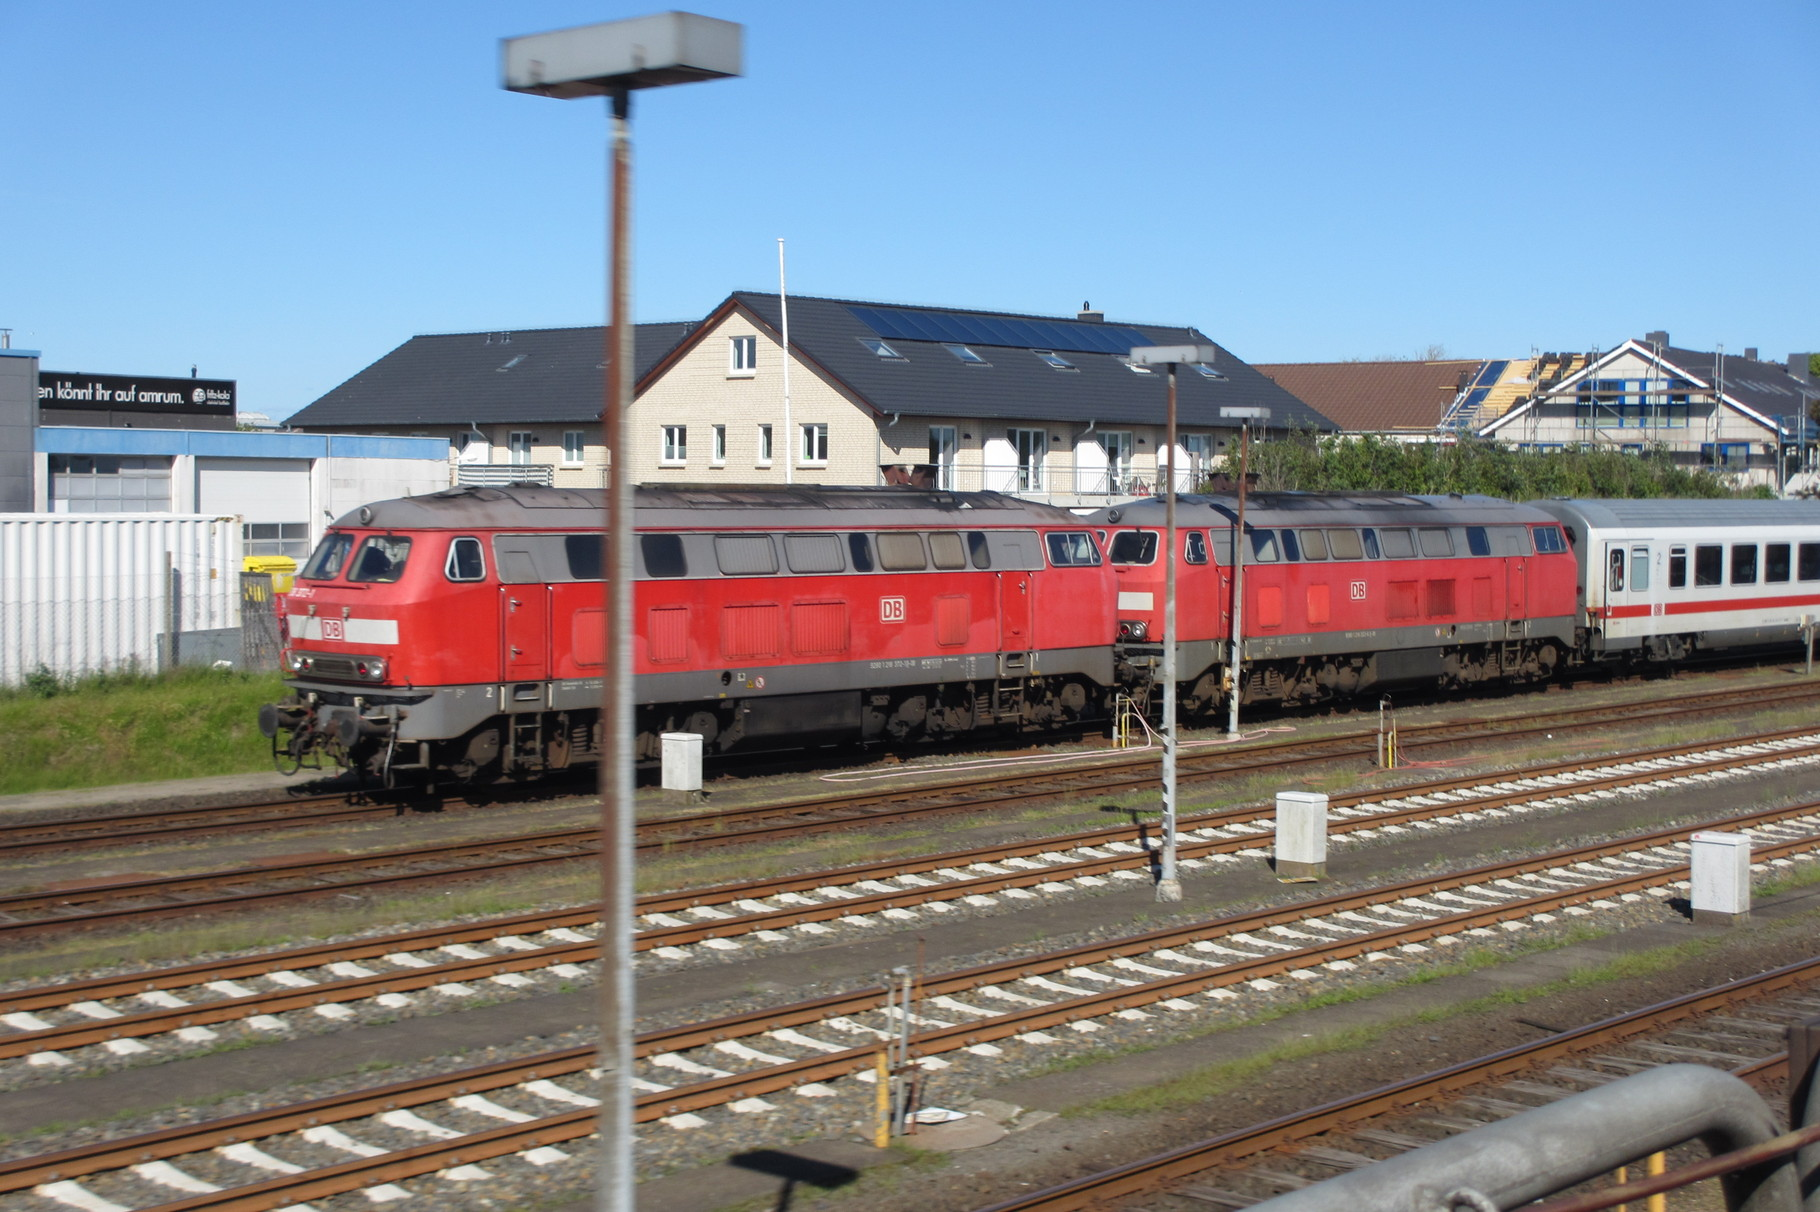 V 218 Doppeltraktion bei der Einfahrt in den Bahnhof von Westerland/Sylt.